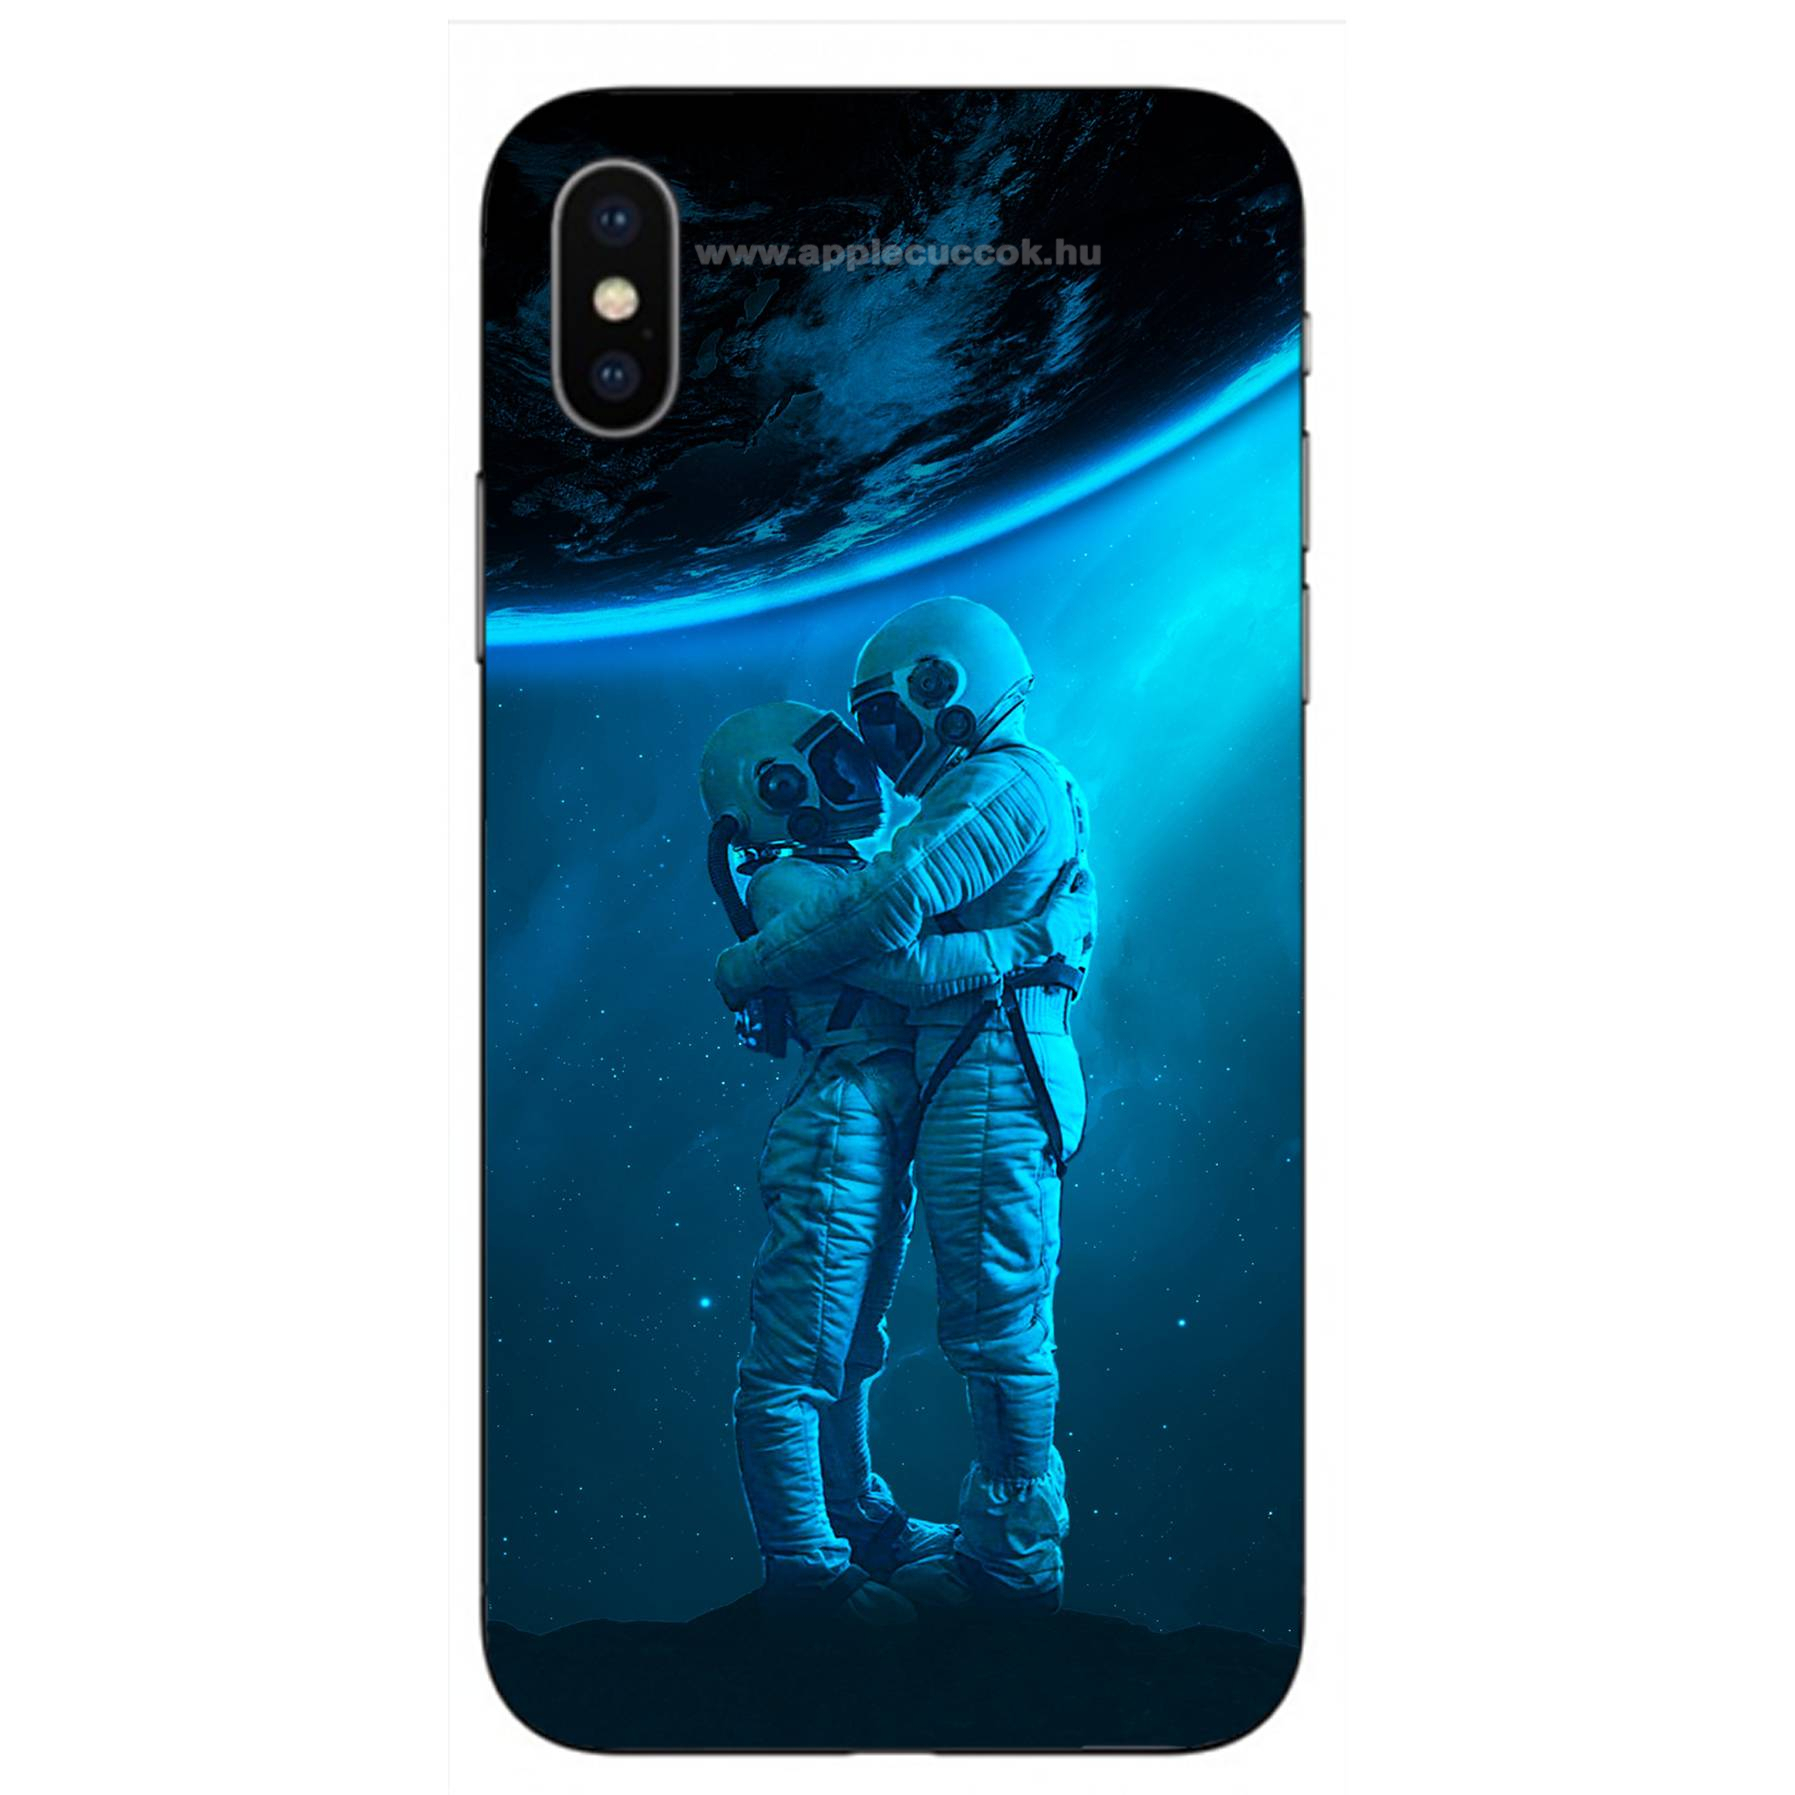 E-pic szilikon védő tok / hátlap - Szerelmes űrhajós pár mintás - APPLE iPhone X